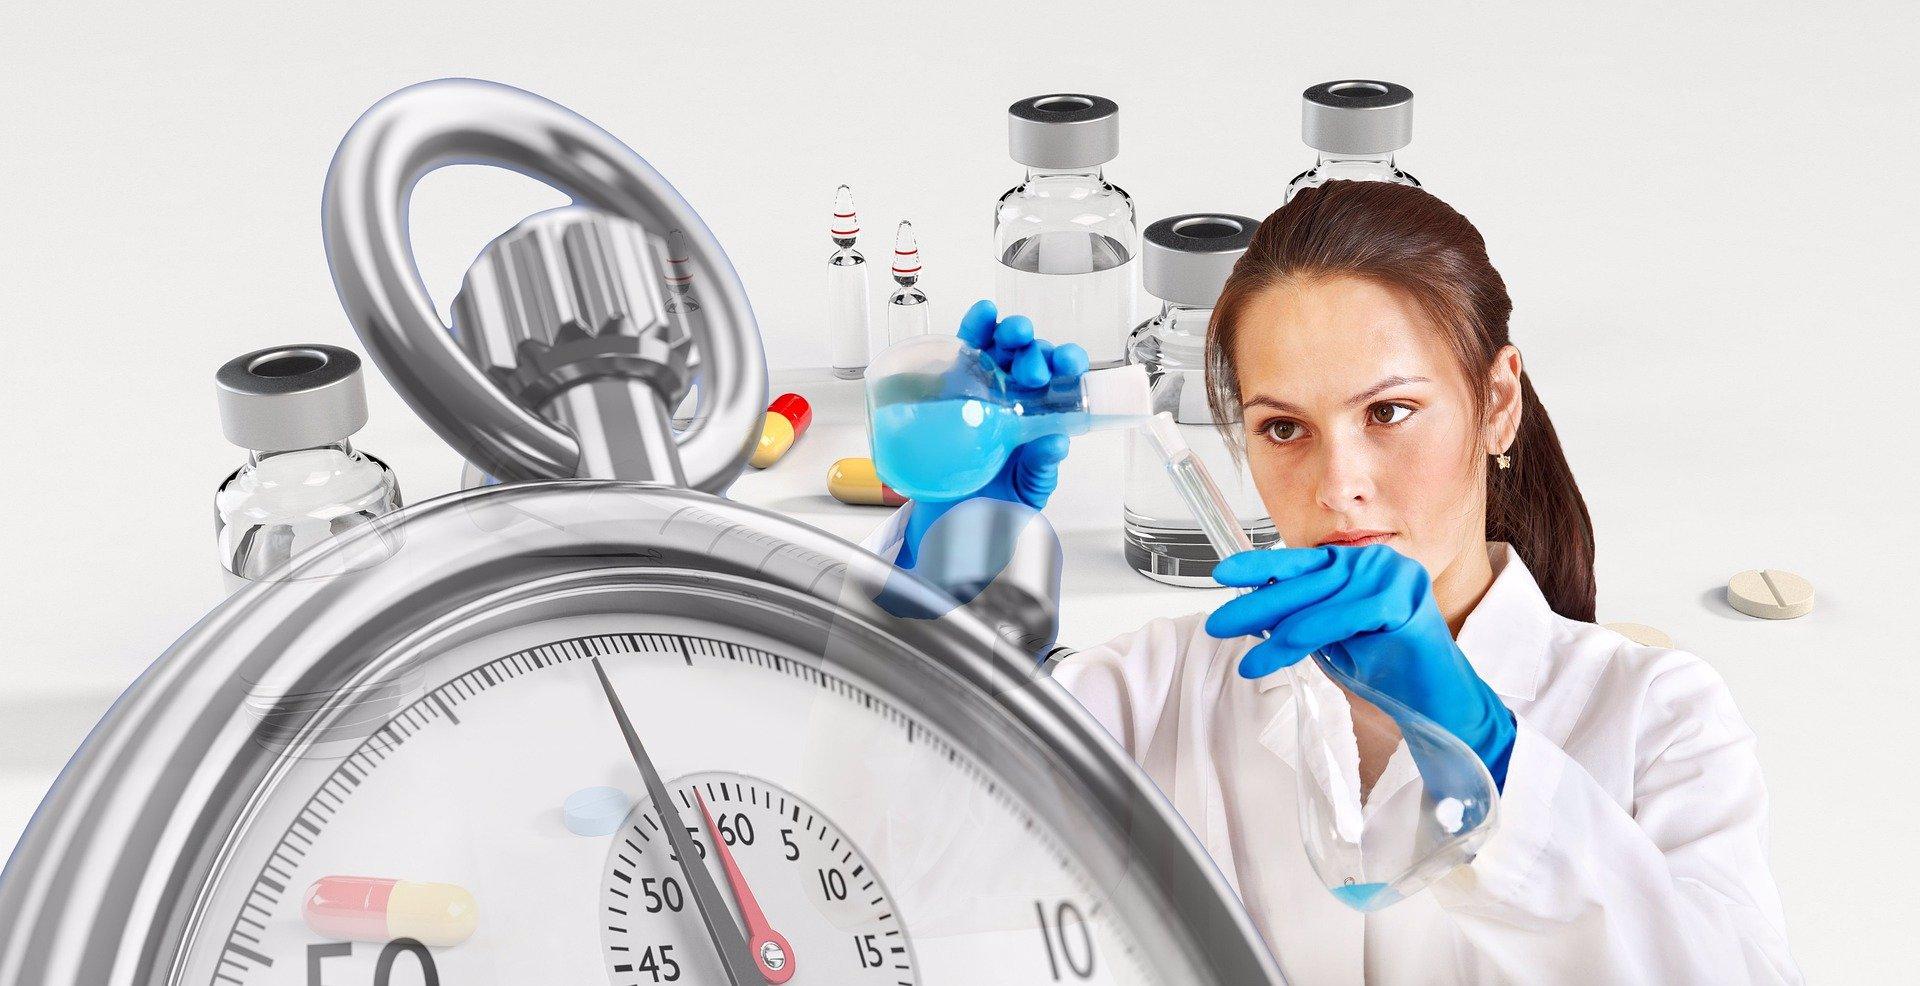 Děsivá prognóza: Teplo koronavirus nezastaví, v létě to bude nejhorší, tvrdí vědci